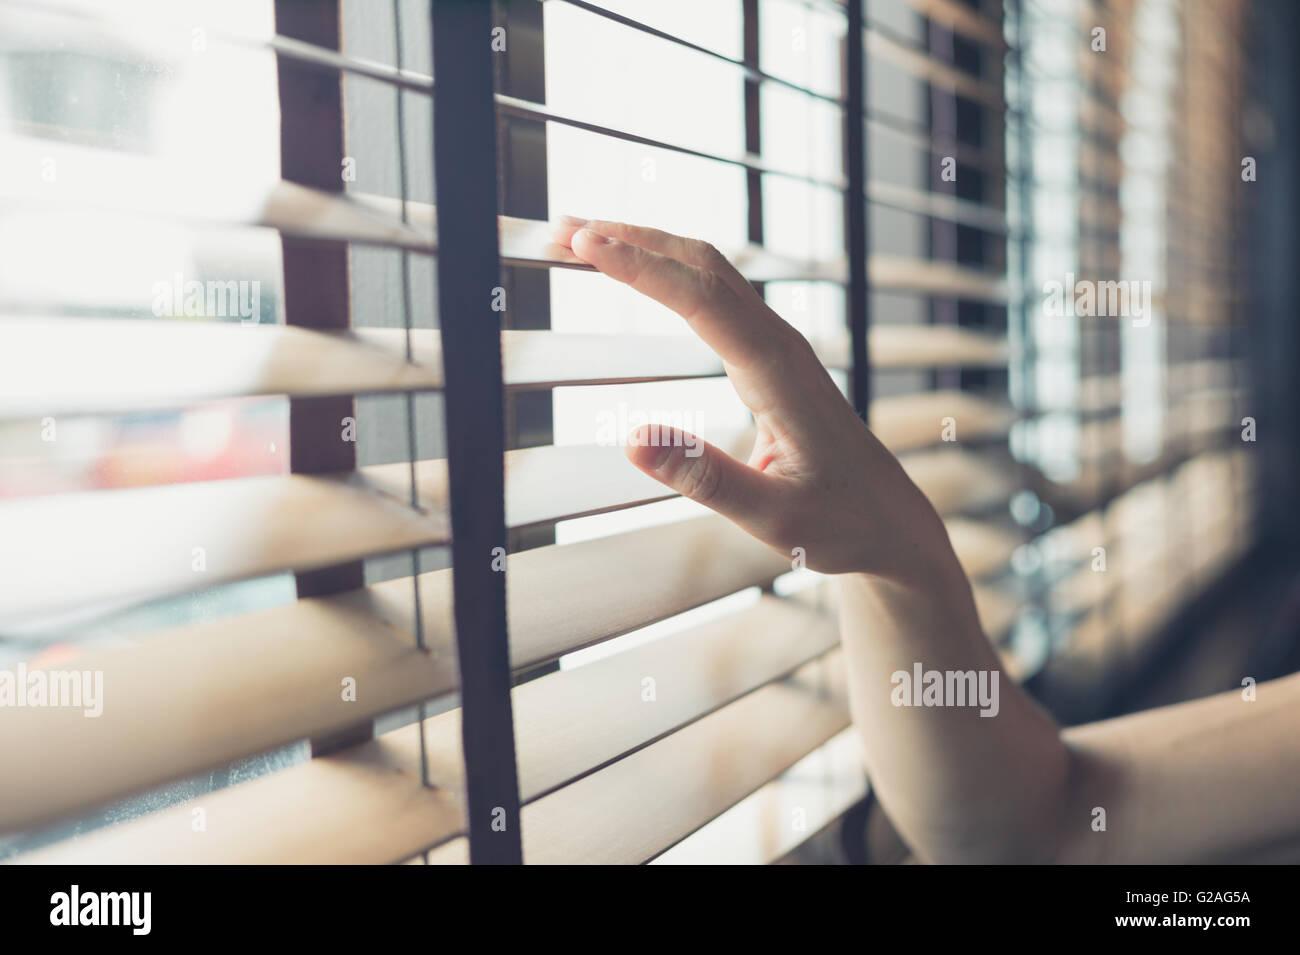 Una joven mano es tocar unas persianas venecianas por la ventana Imagen De Stock